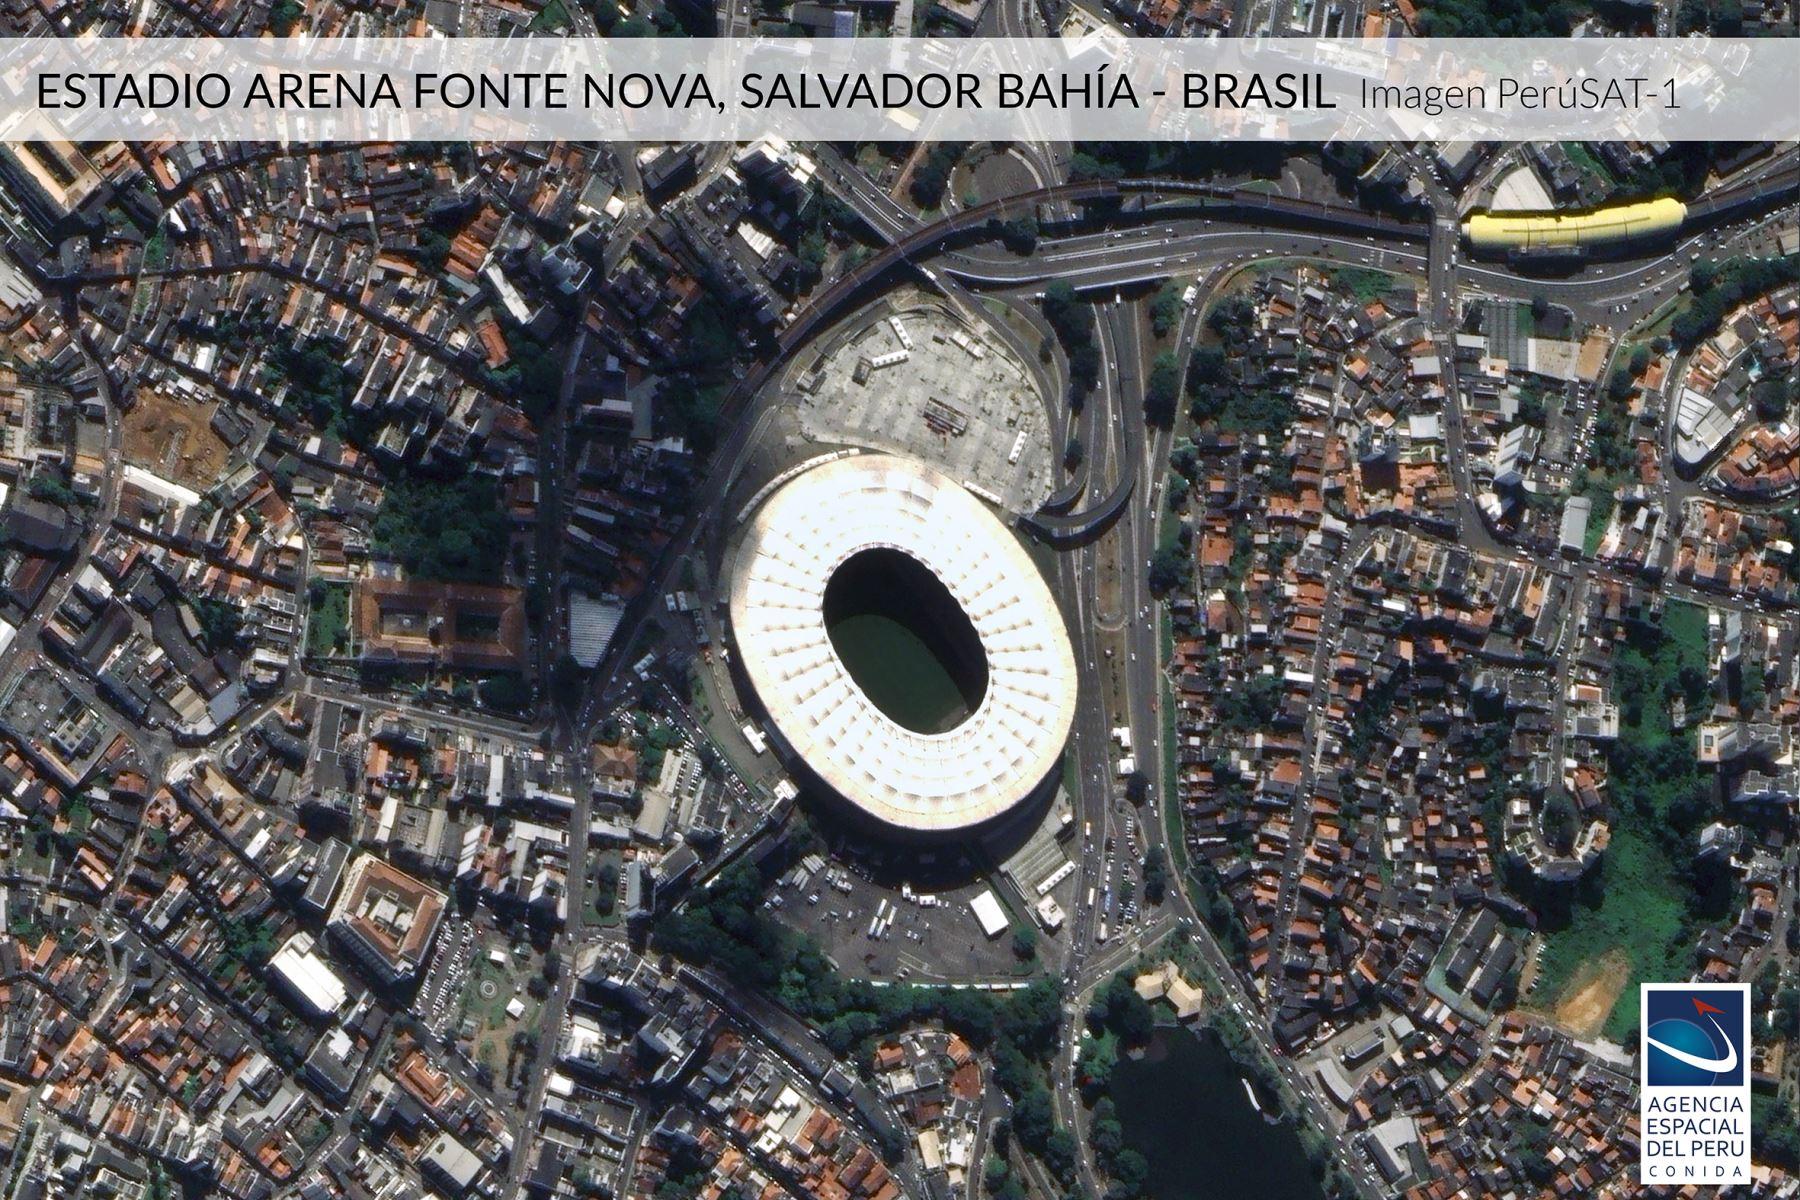 Imagen satelital del Estadio Arena Fonte Nova, Salvador Bahia-Brasil, sede de la Copa América 2019.Foto: Andina/Agencia Espacial del Perú.